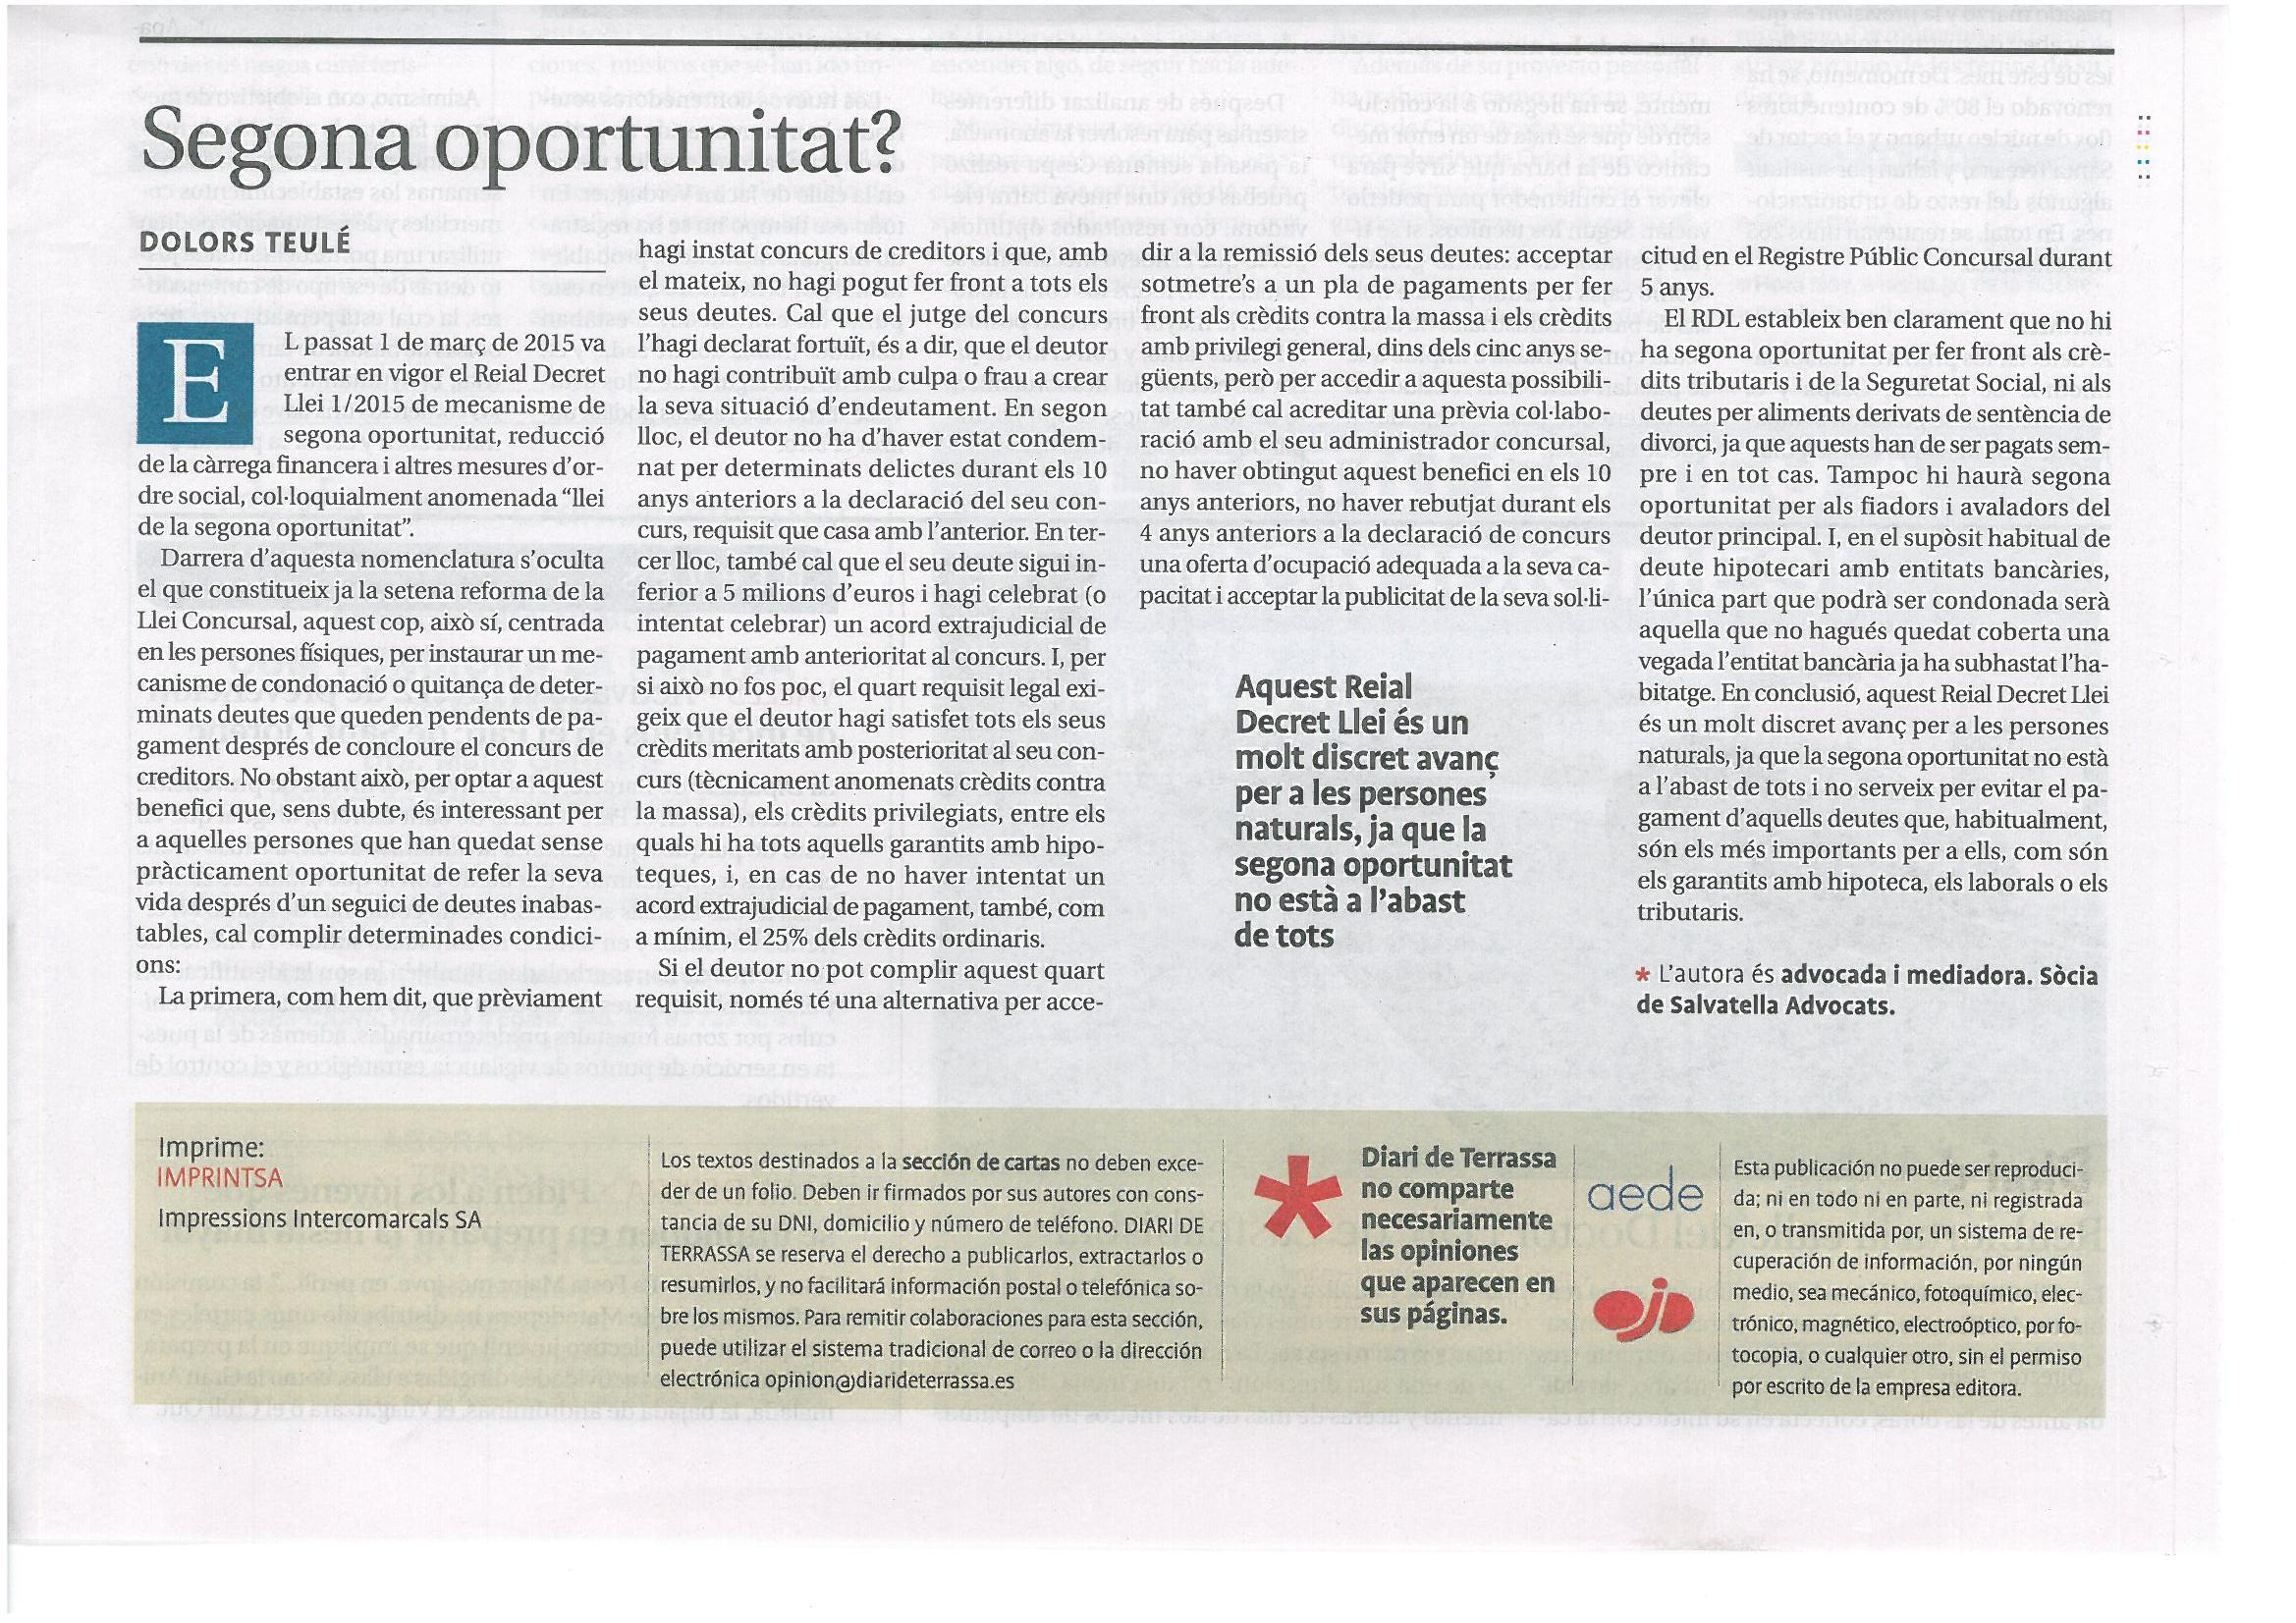 Article d'opinió sobre 2ª oportunitat a DT